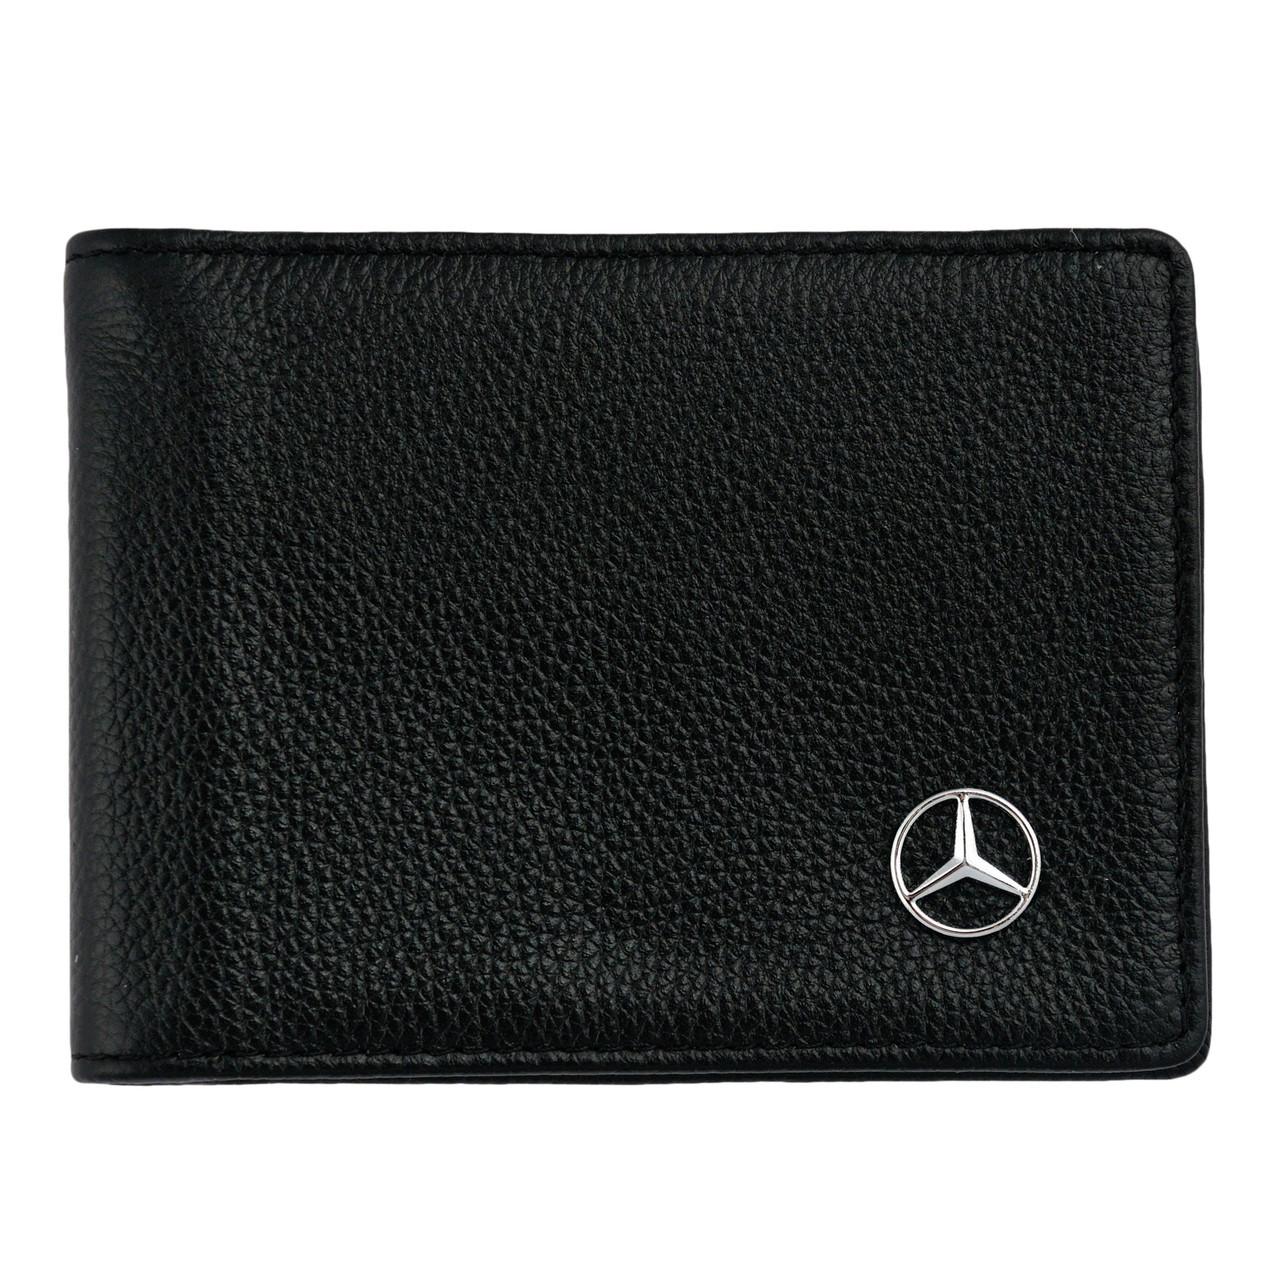 Кожаный бумажник двойного сложения с эмблемой MERCEDES